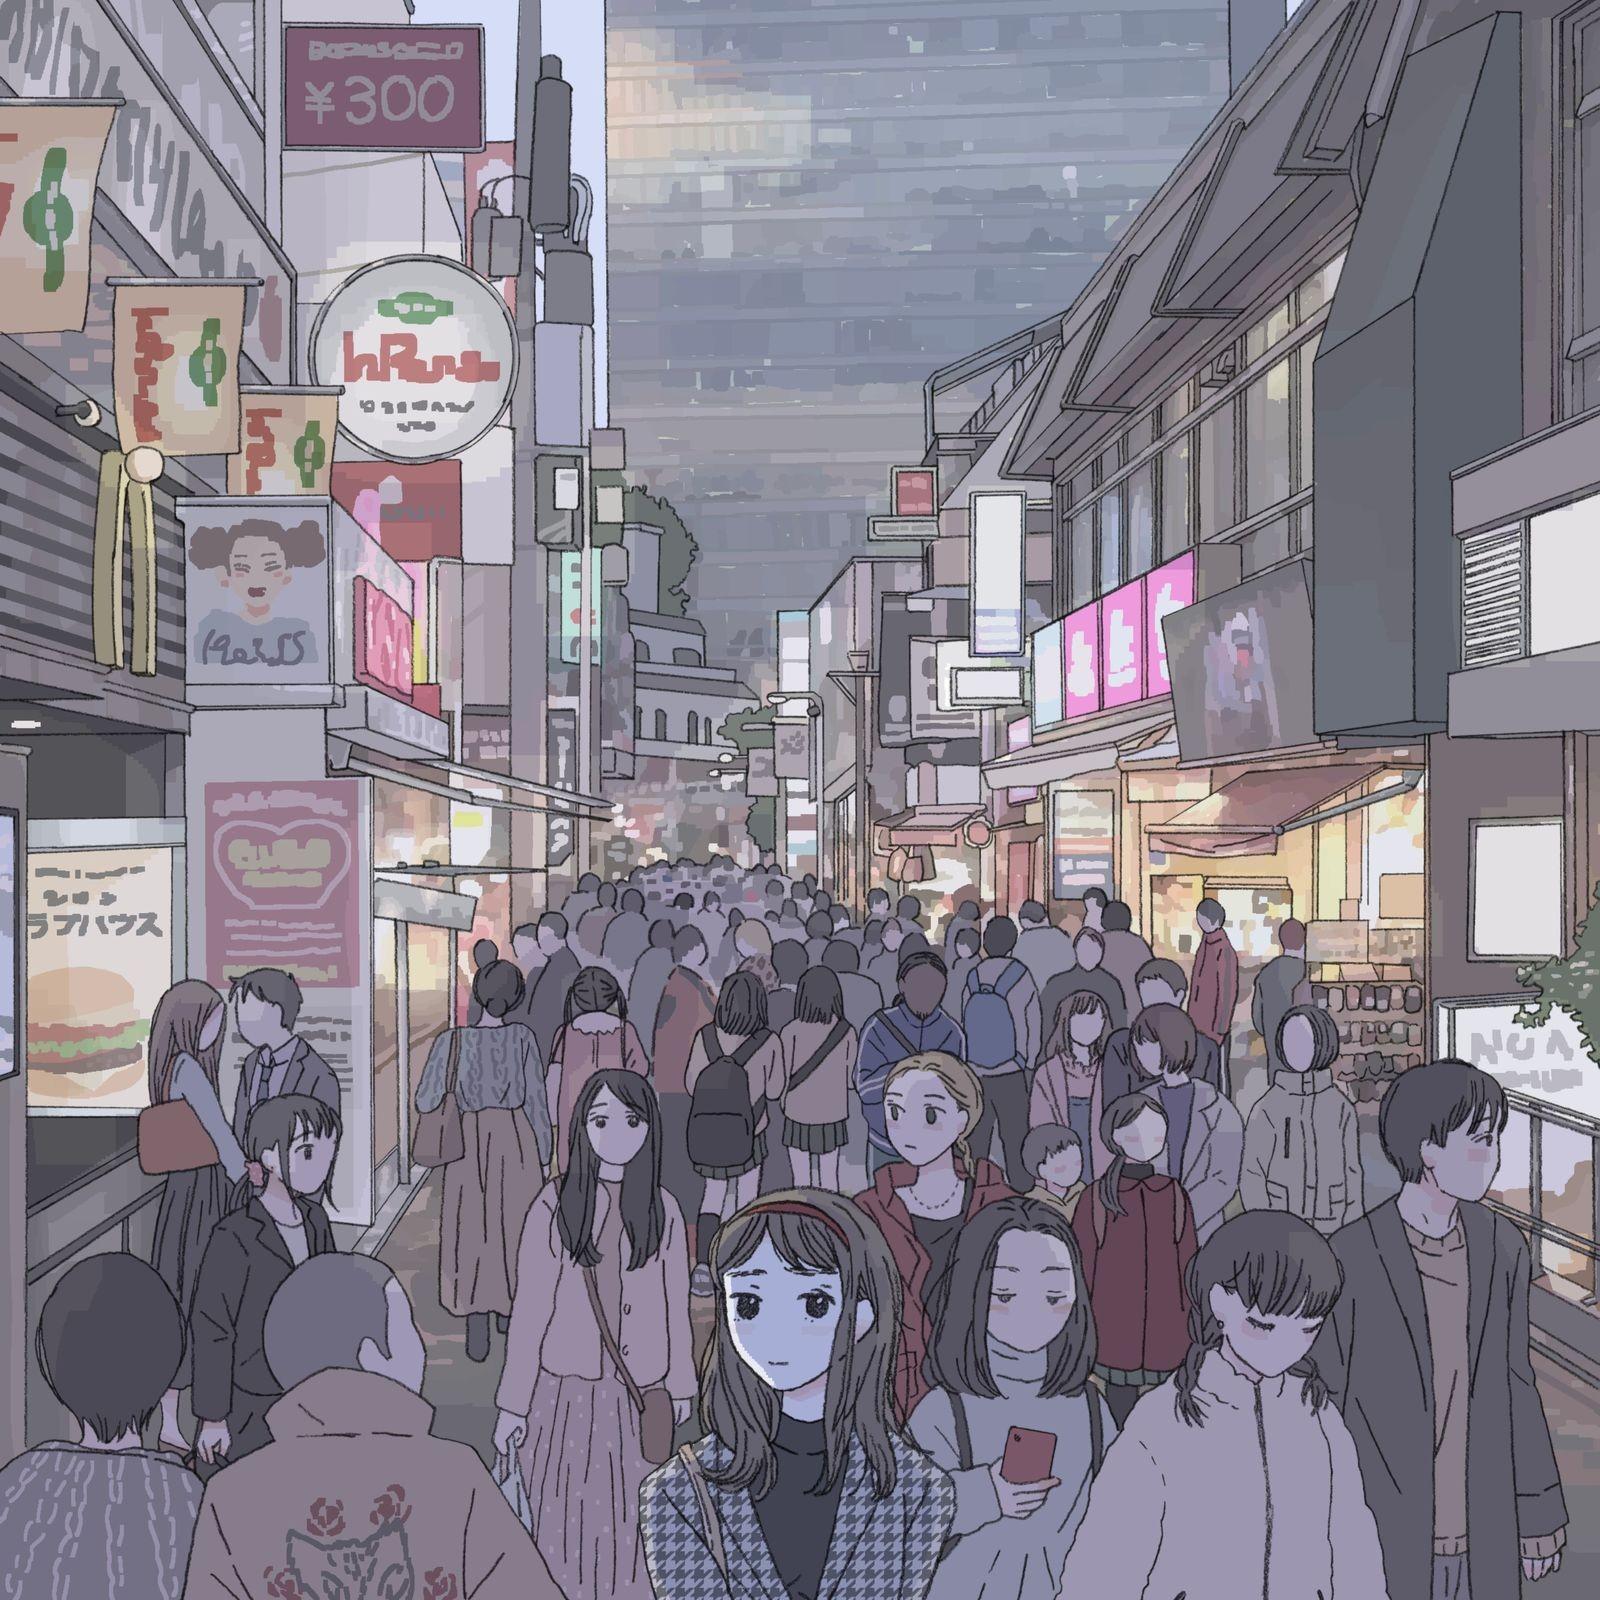 泉まくら (Macra Izumi) – 203 LIVE [FLAC / WEB] [2019.11.06]